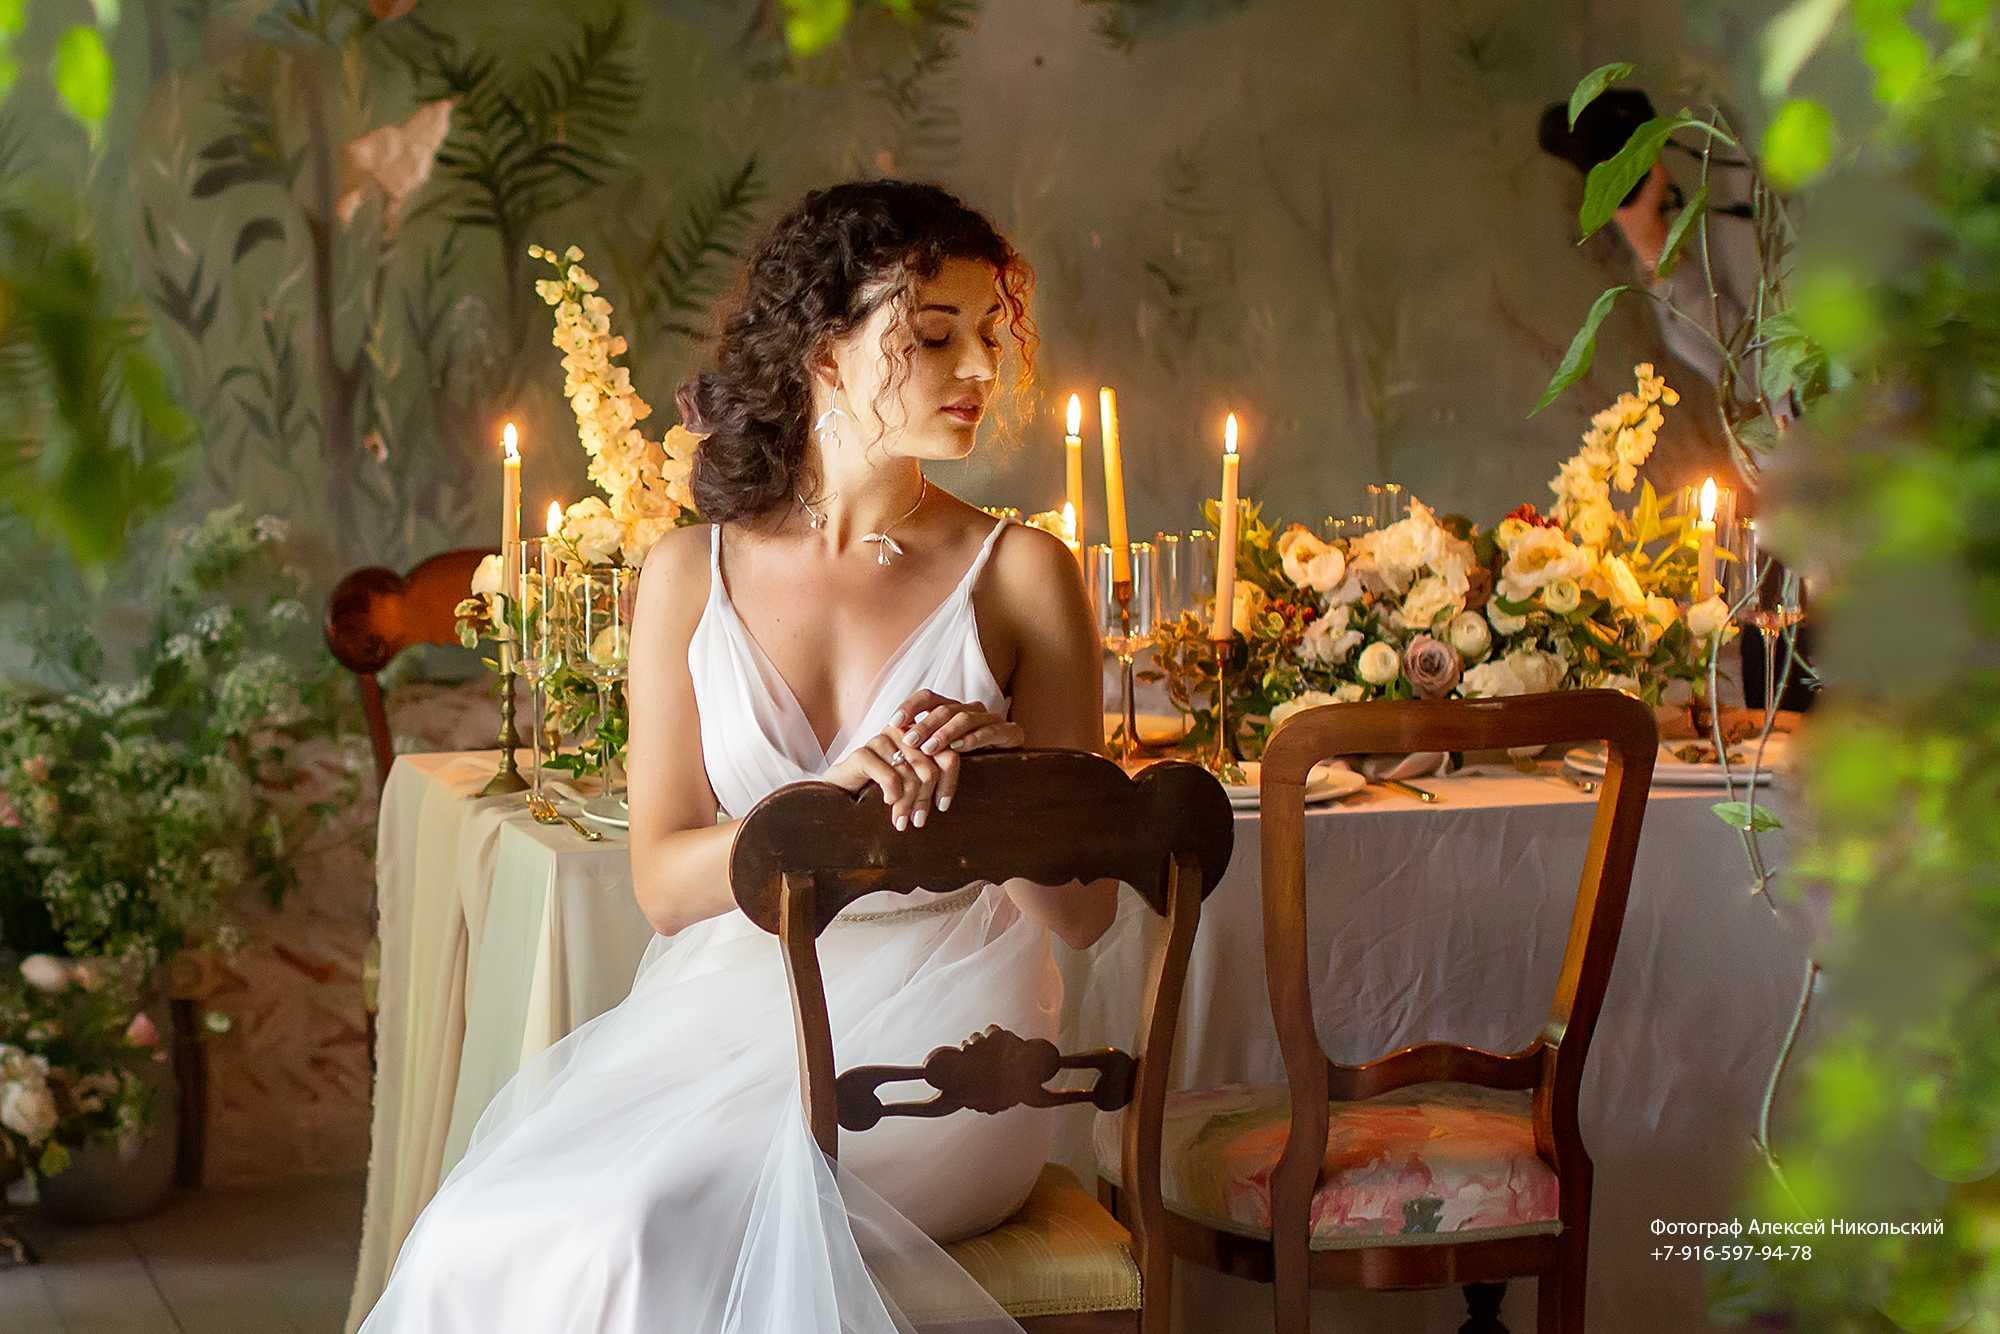 фотограф на свадьбу москва, свадебный фотограф Алексей Никольский